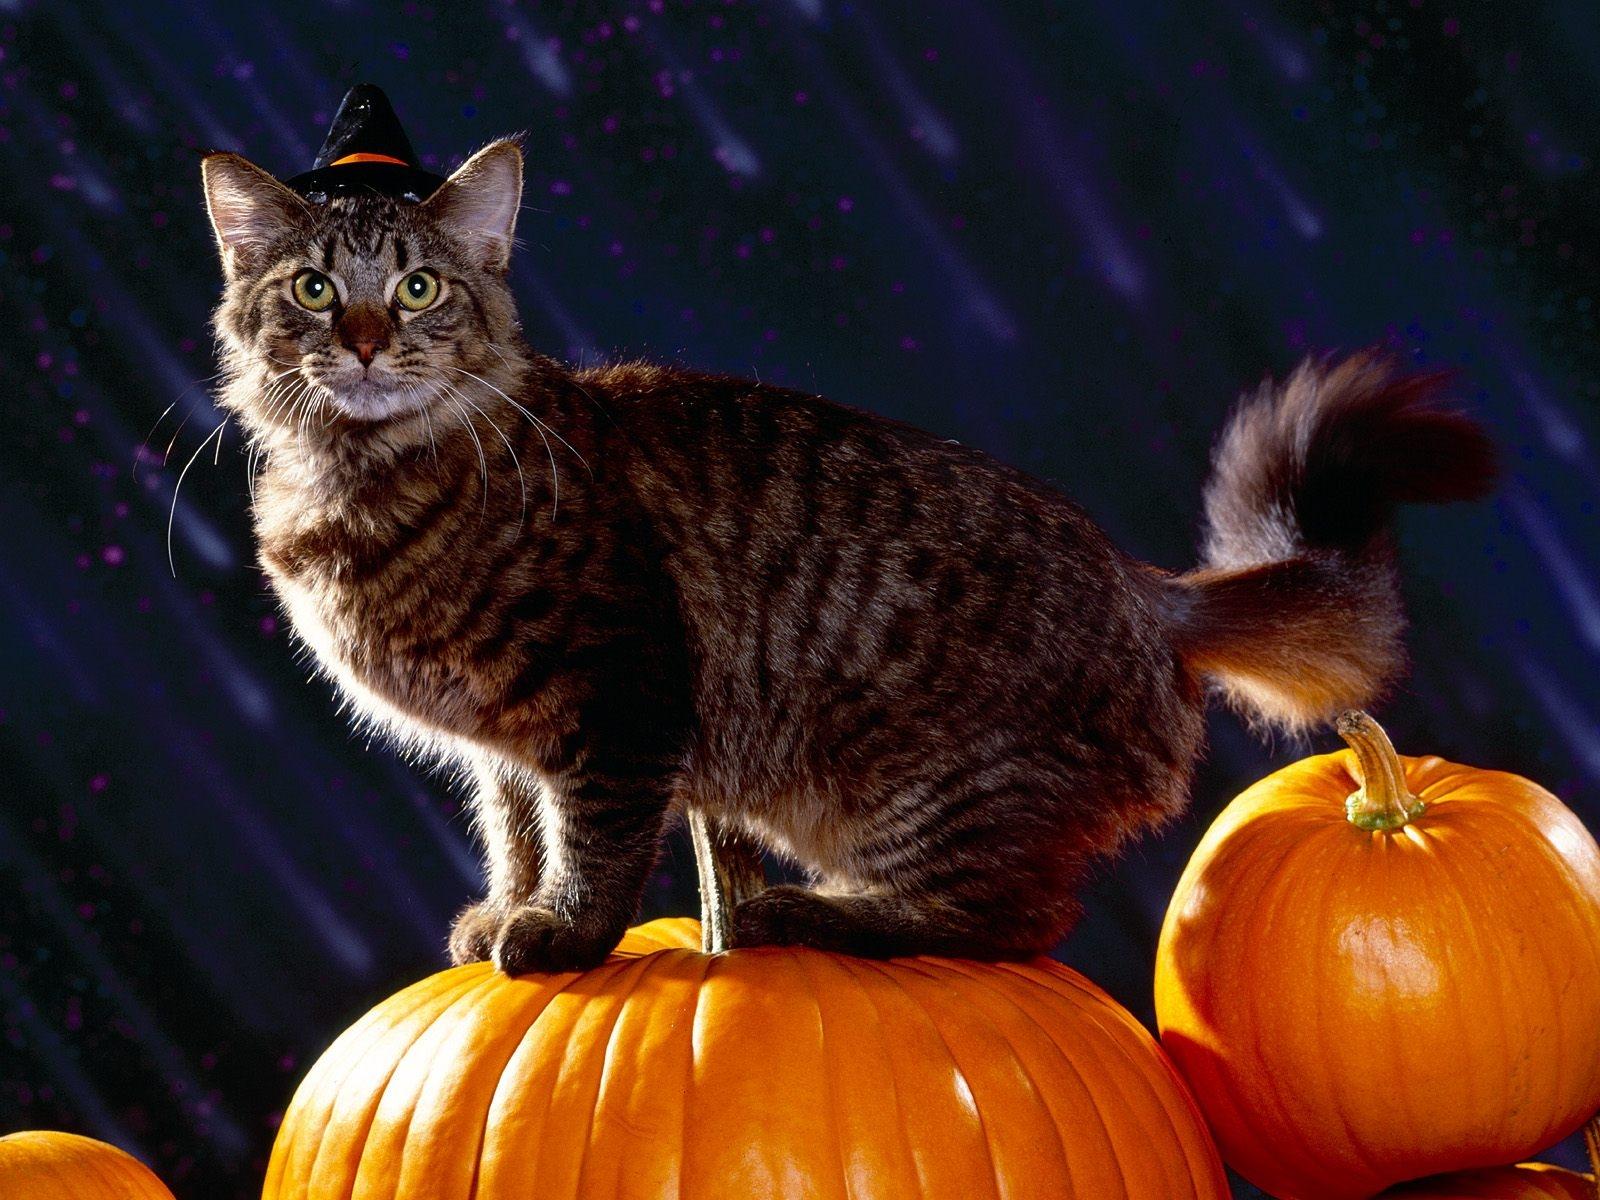 внешний коты на хэллоуин было интересно мнение